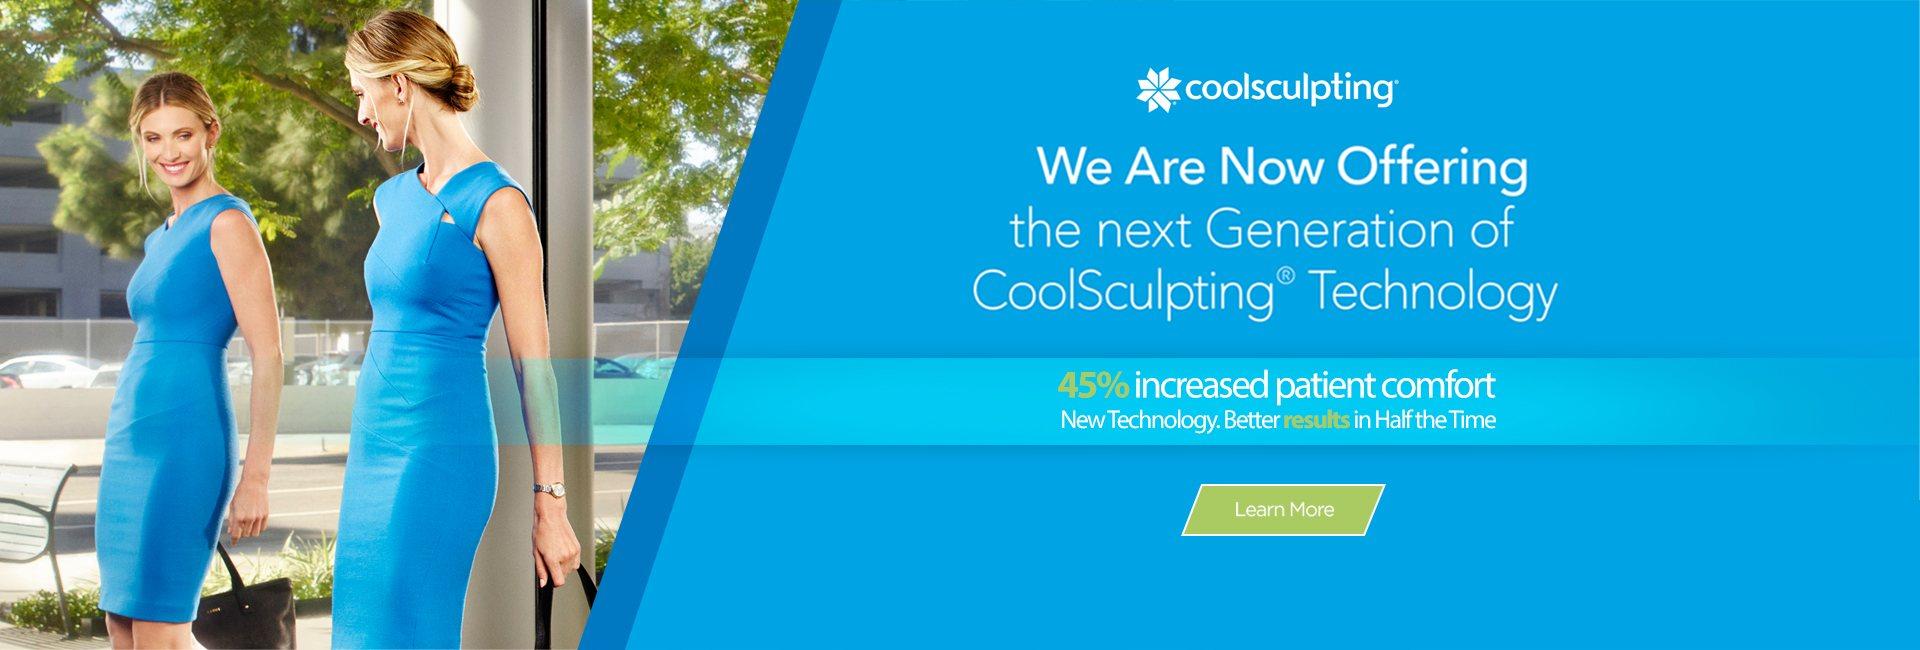 CoolSclpt3-1